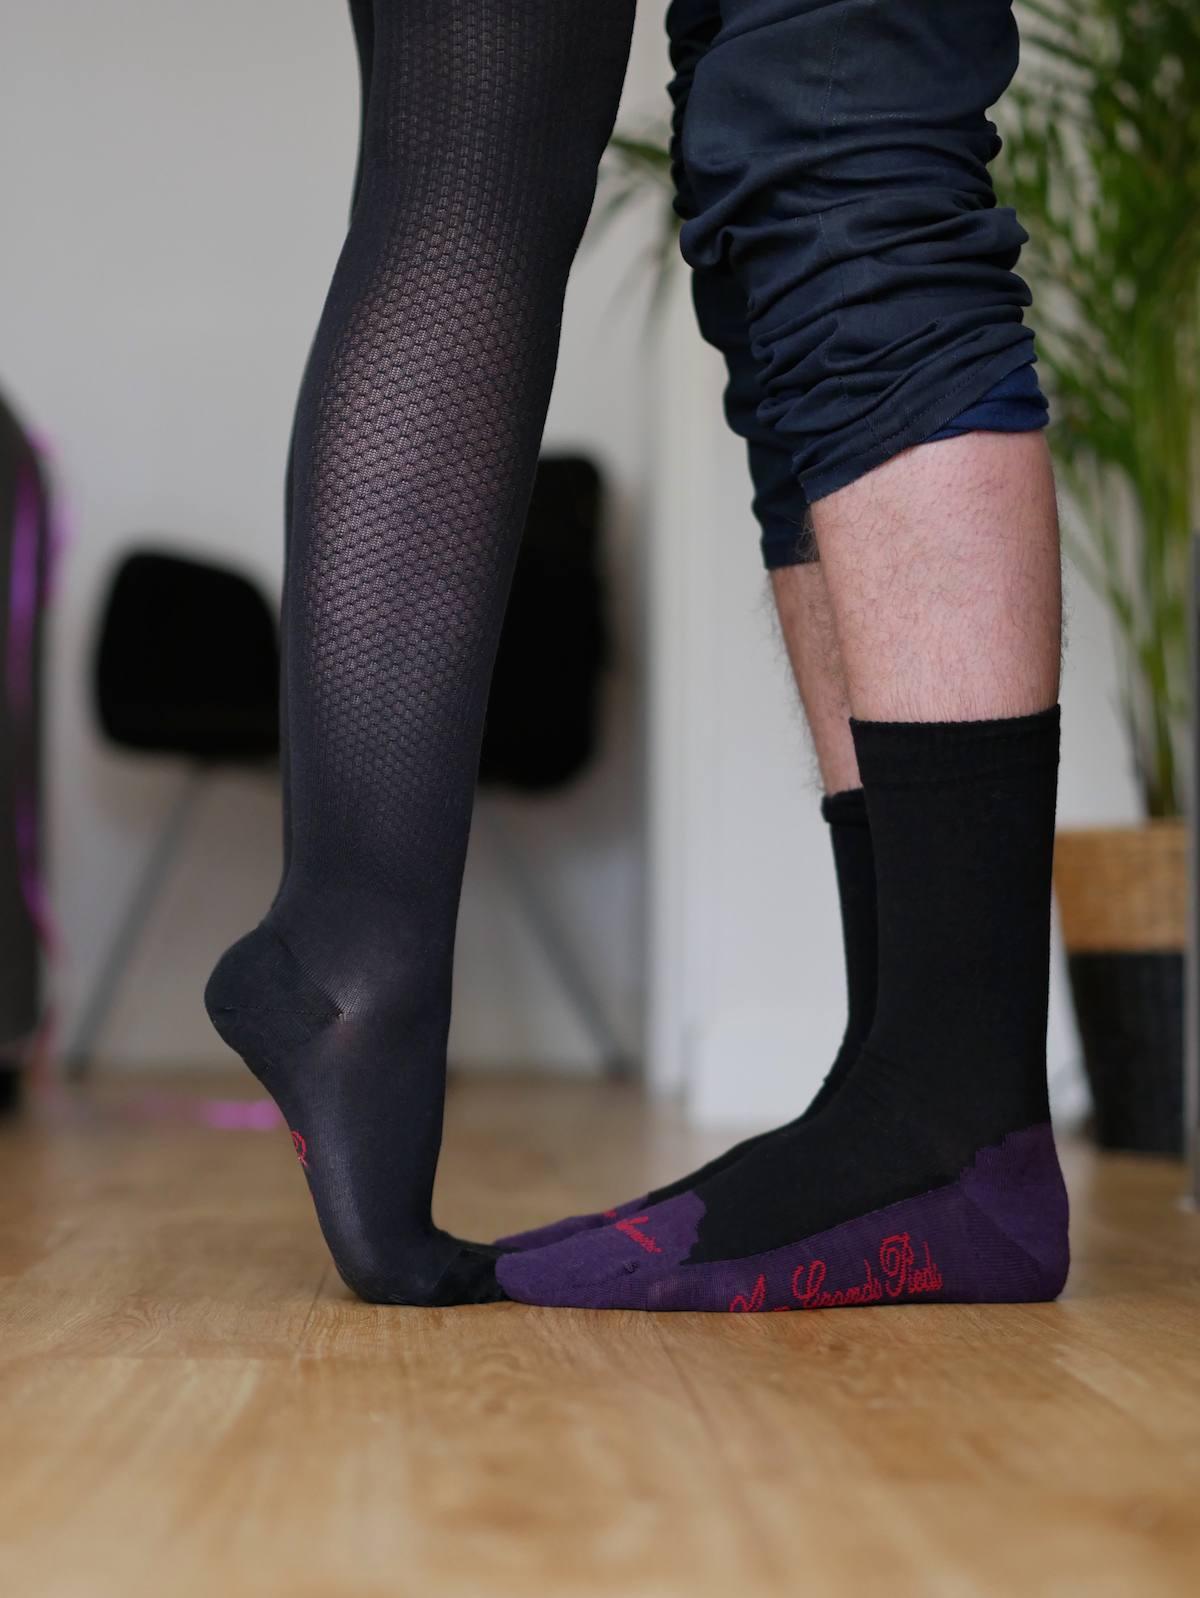 Berthe aux grands pieds Nantes - Chausettes bas collants 1